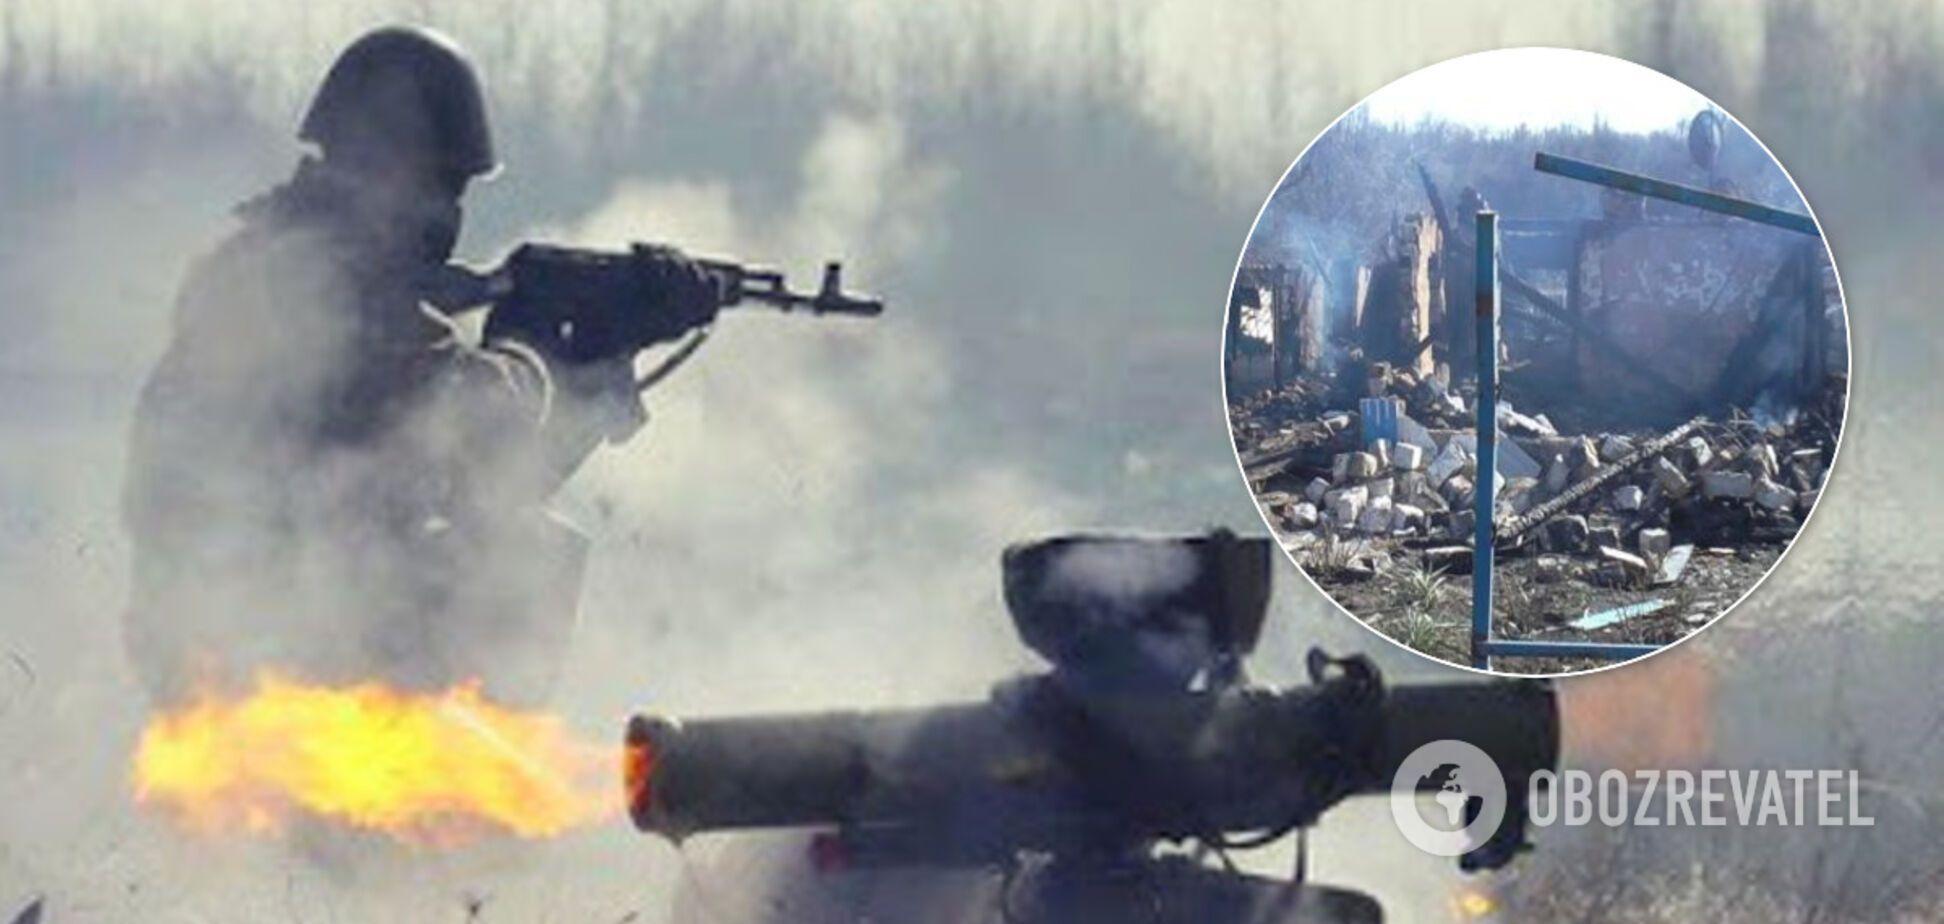 Террористы ранили мирную жительницу на Донбассе